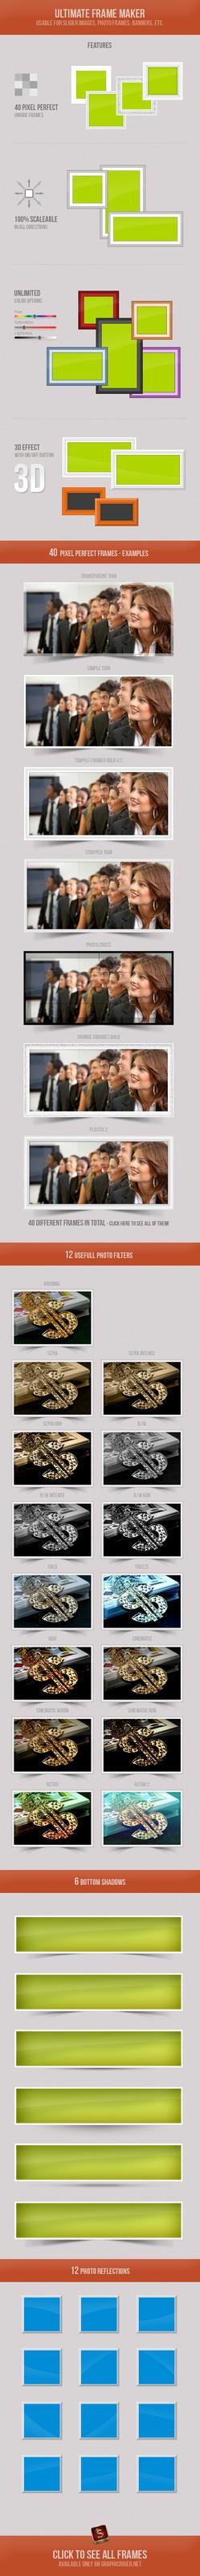 Photoshop Frame Maker by survivorcz